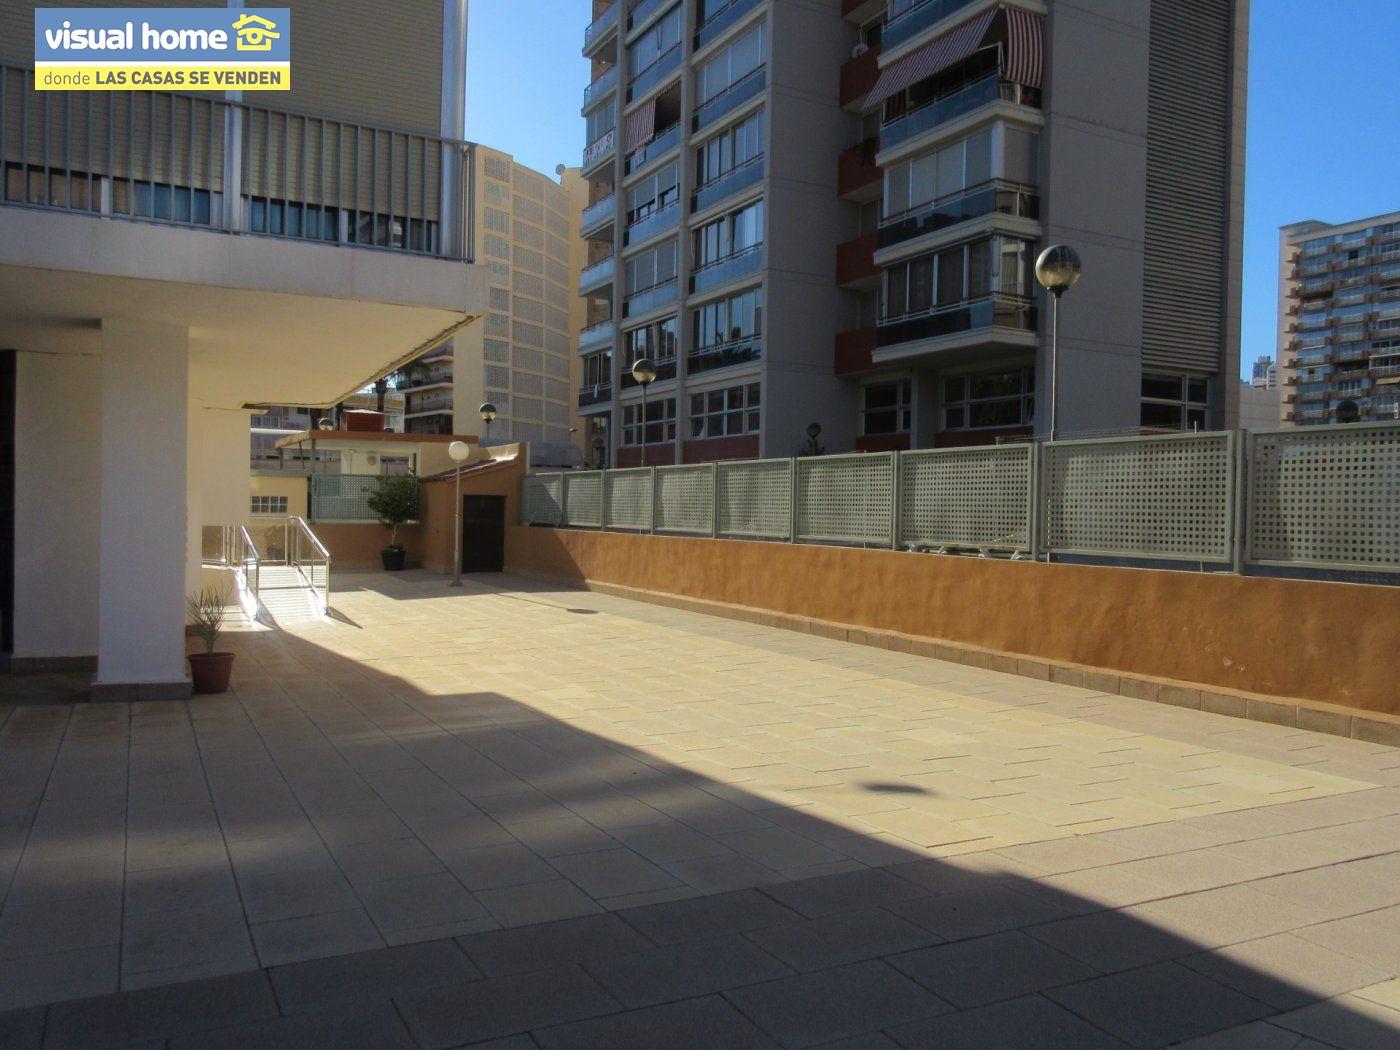 Apartamento todo exterior en Av/ Mediterráneo con garaje y piscina a 50 mts de la playa 31